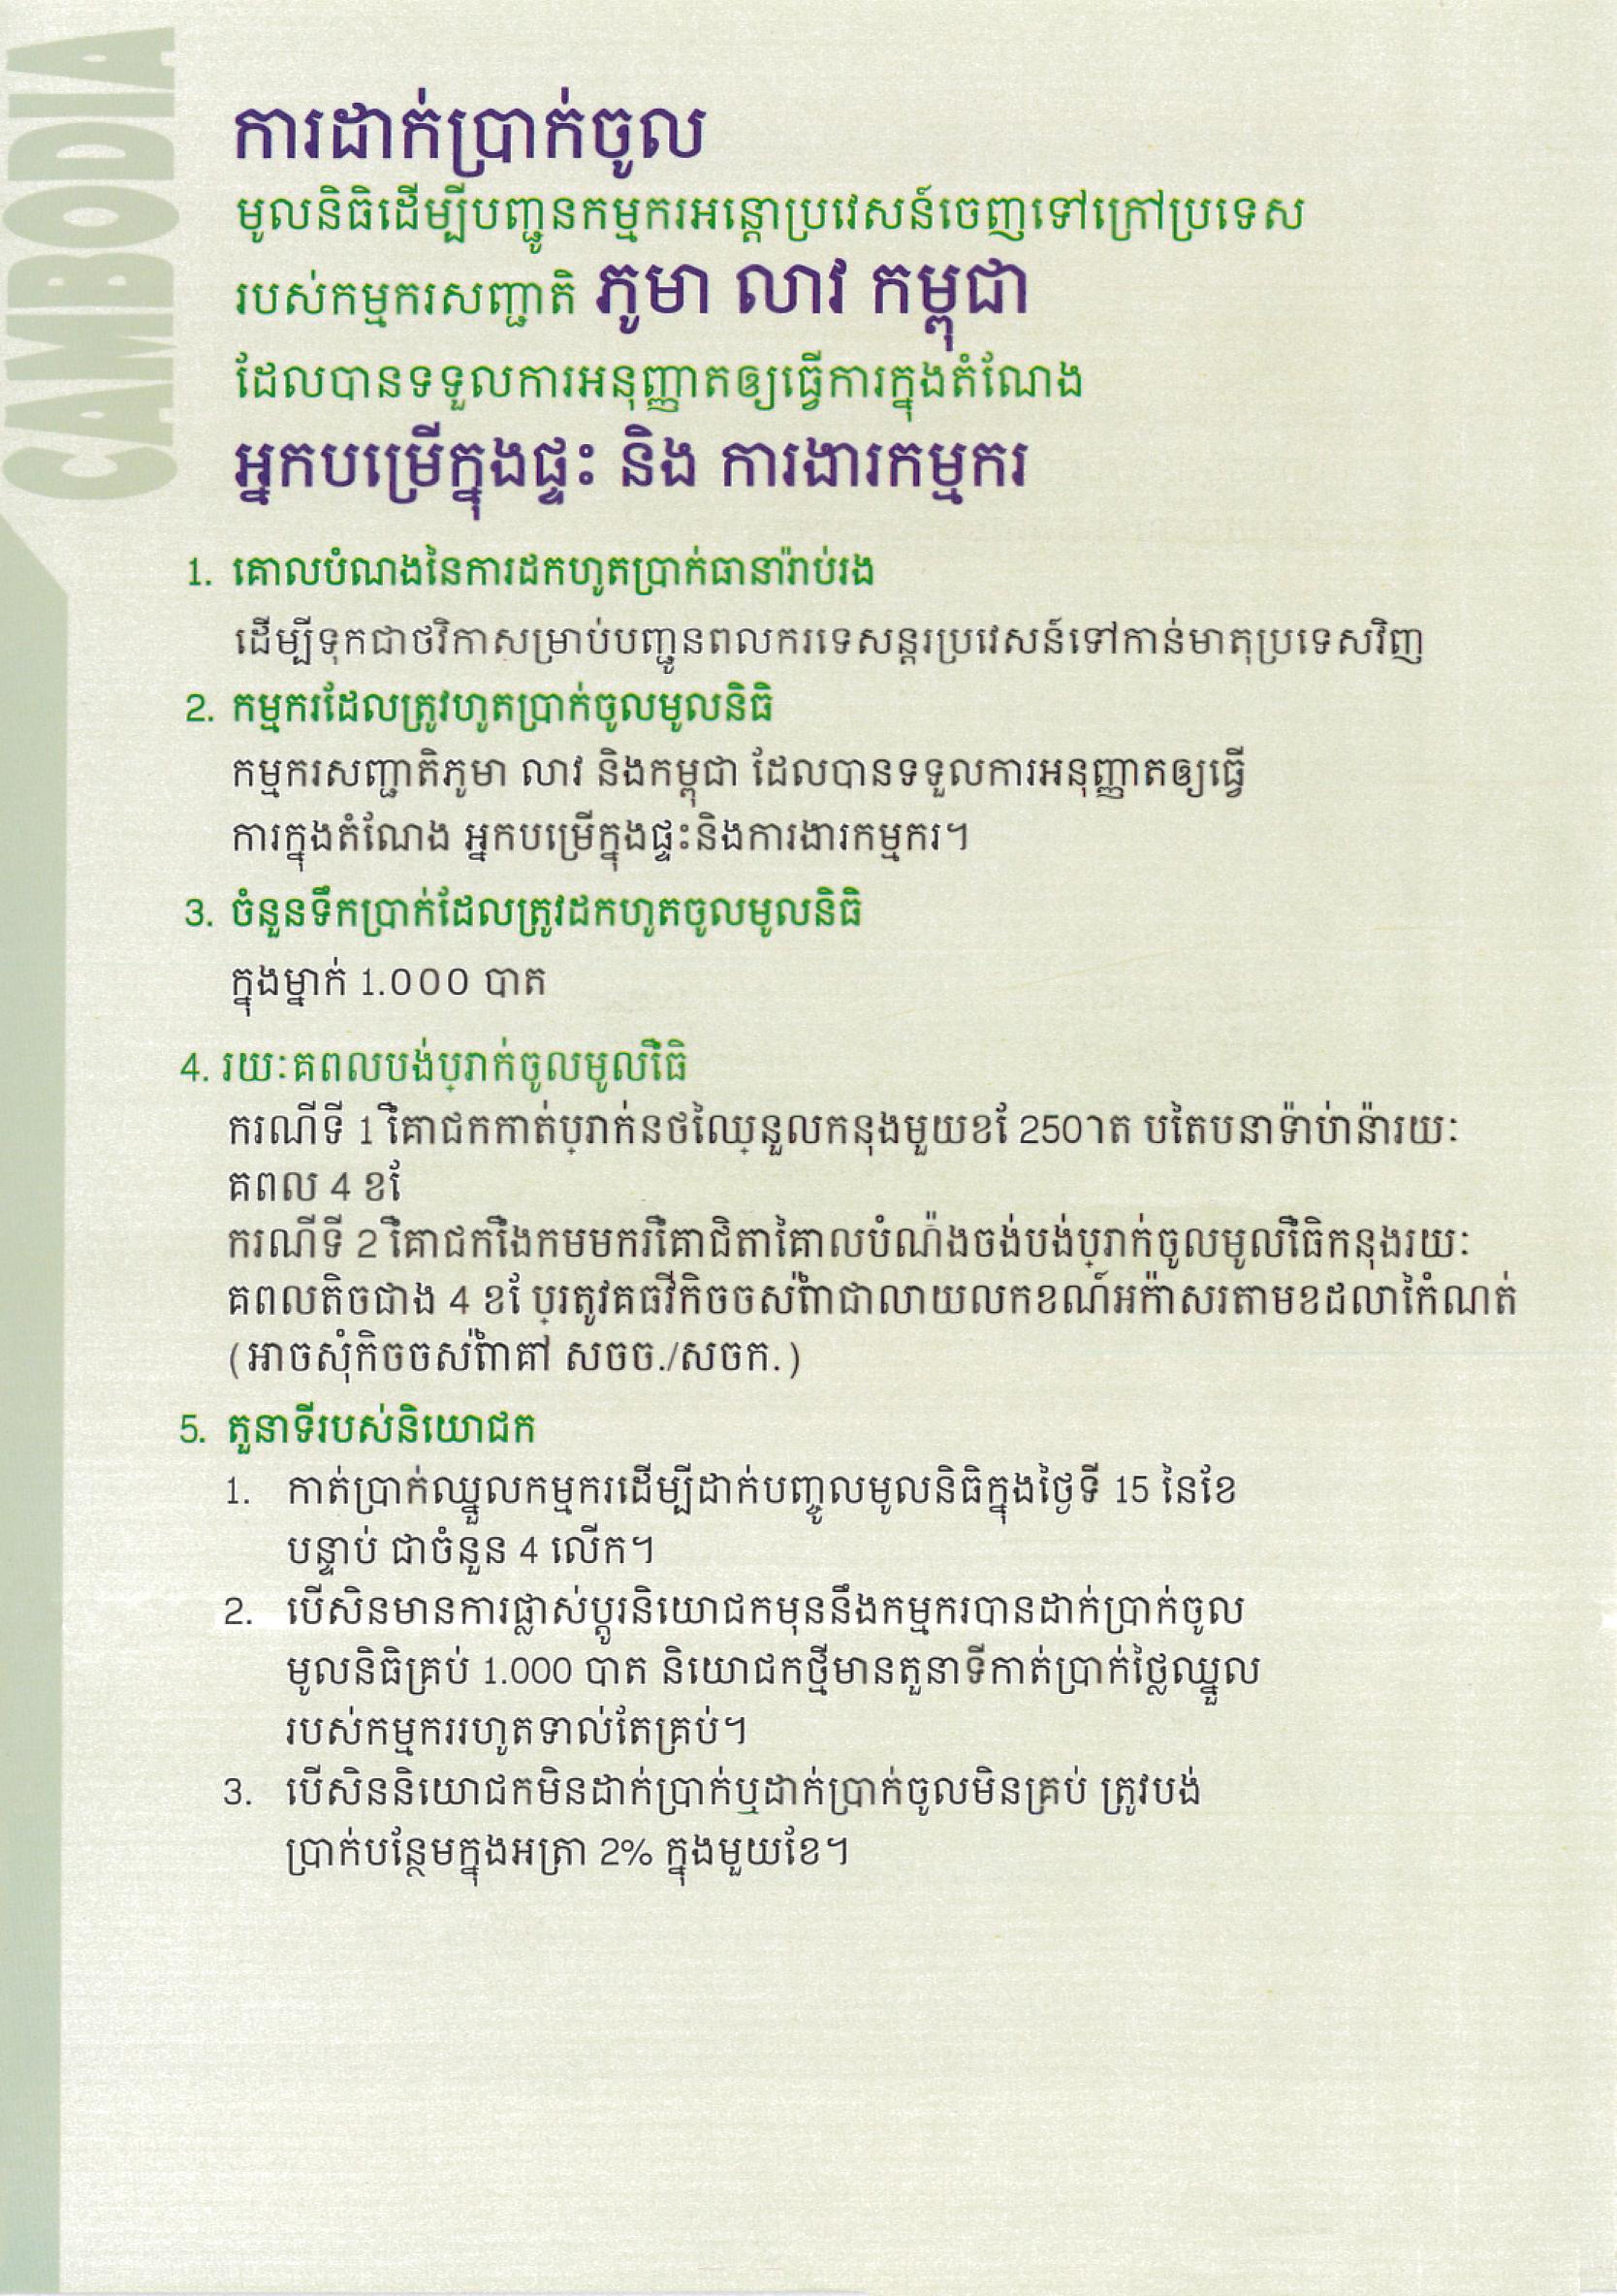 คู่มือการนำส่งเงินประกันค่าใช้จ่ายในการส่งคนต่างด้าวกลับฯ (ภาษากัมพูชา)